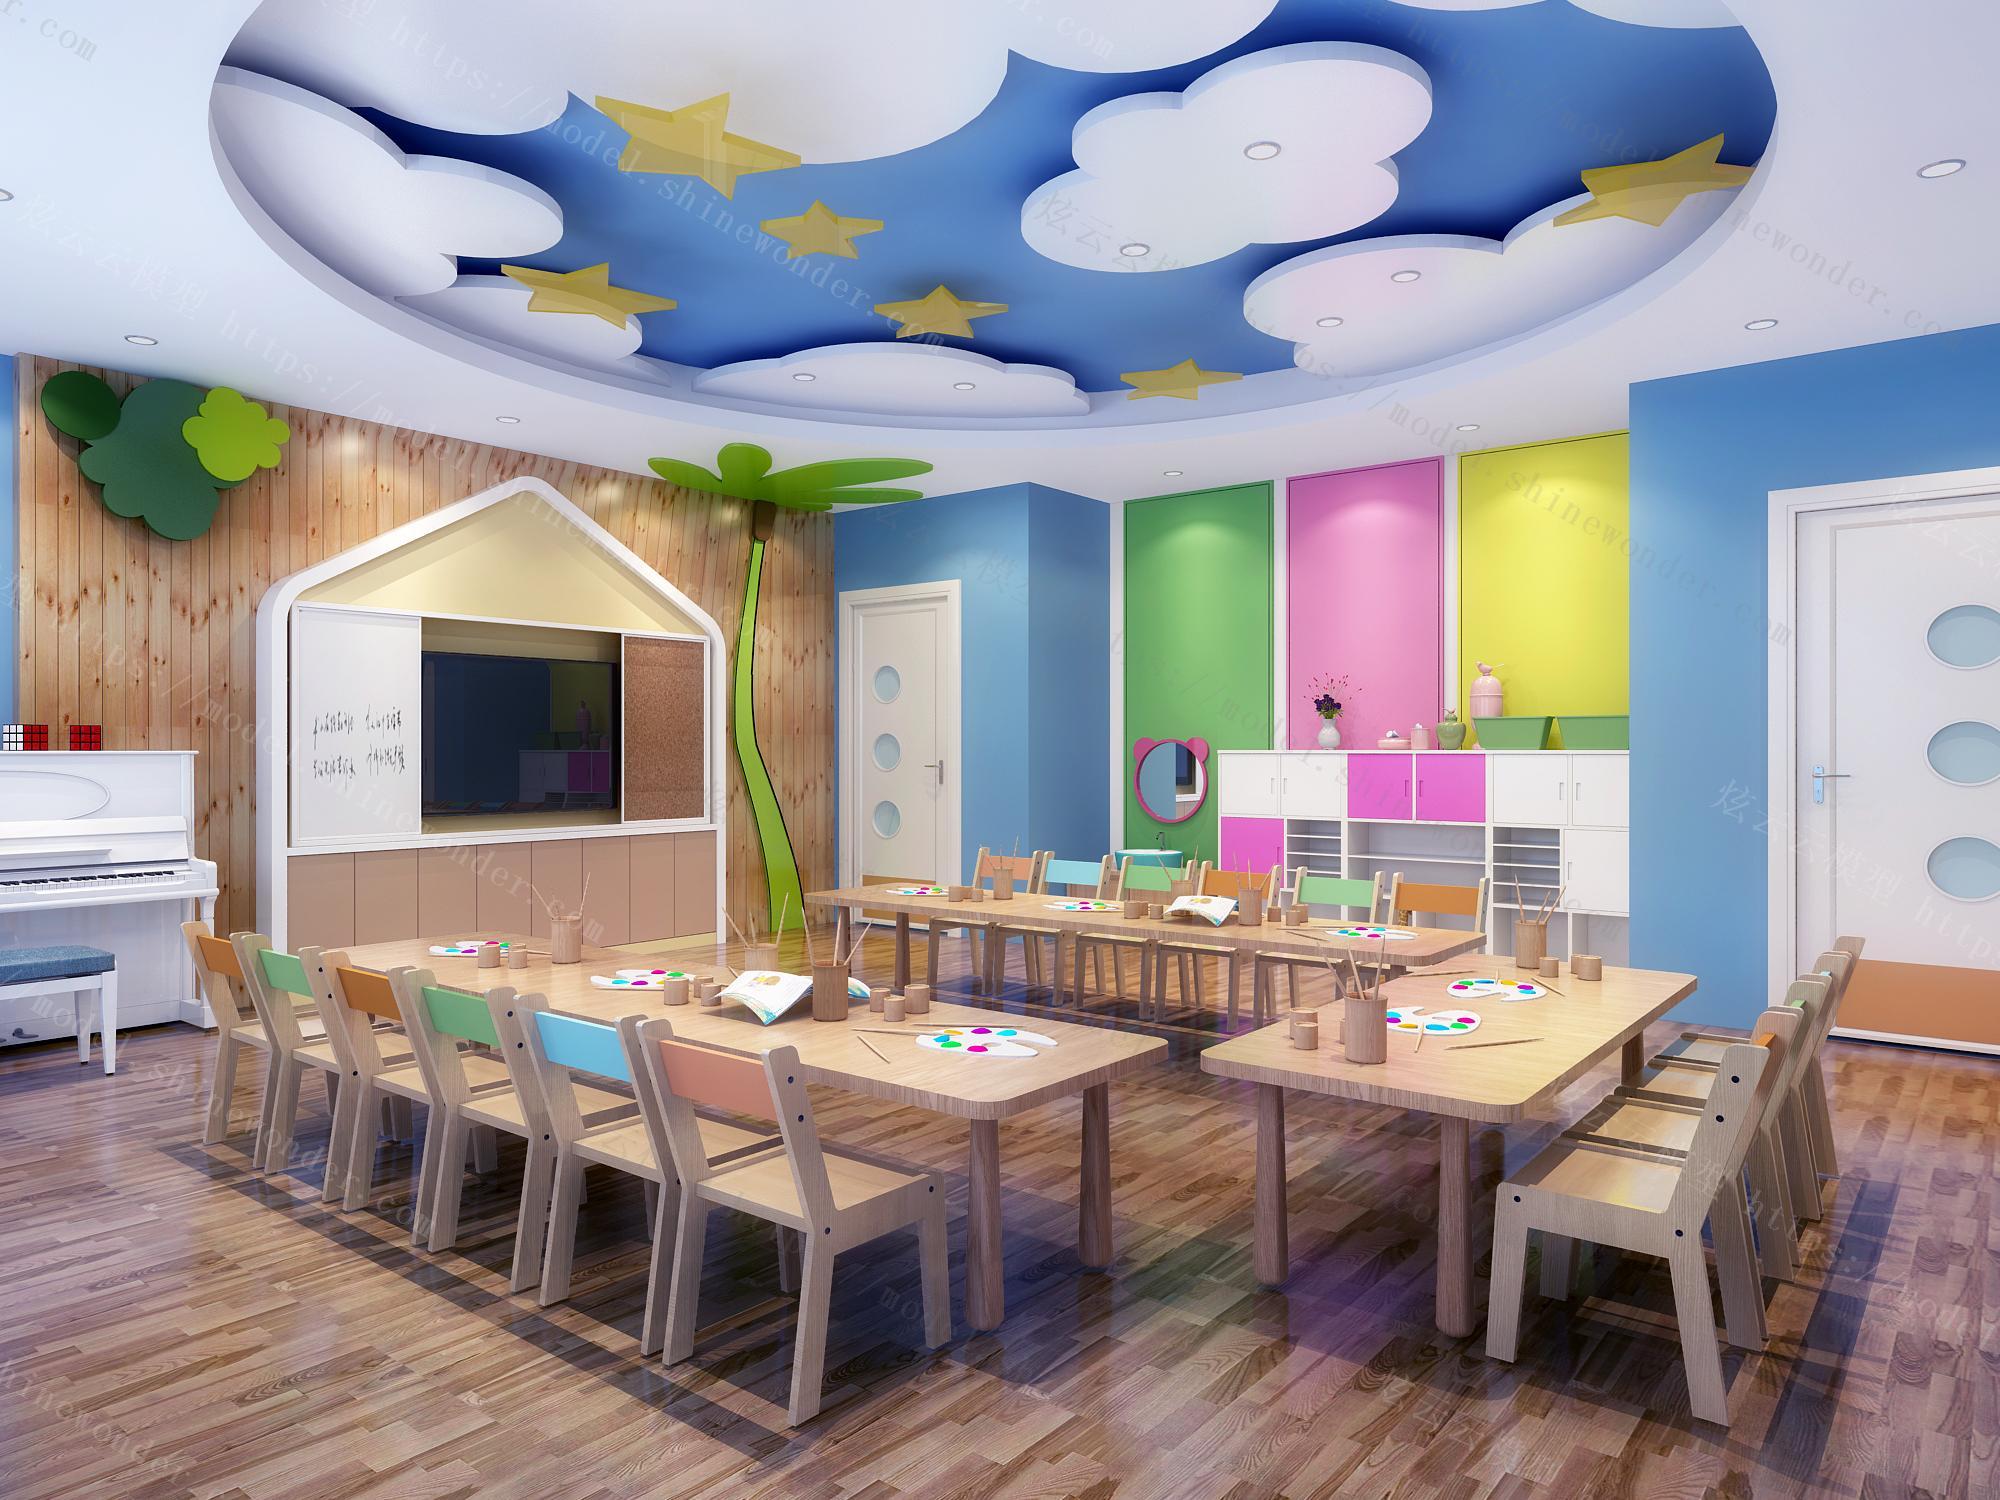 幼儿园教室模型